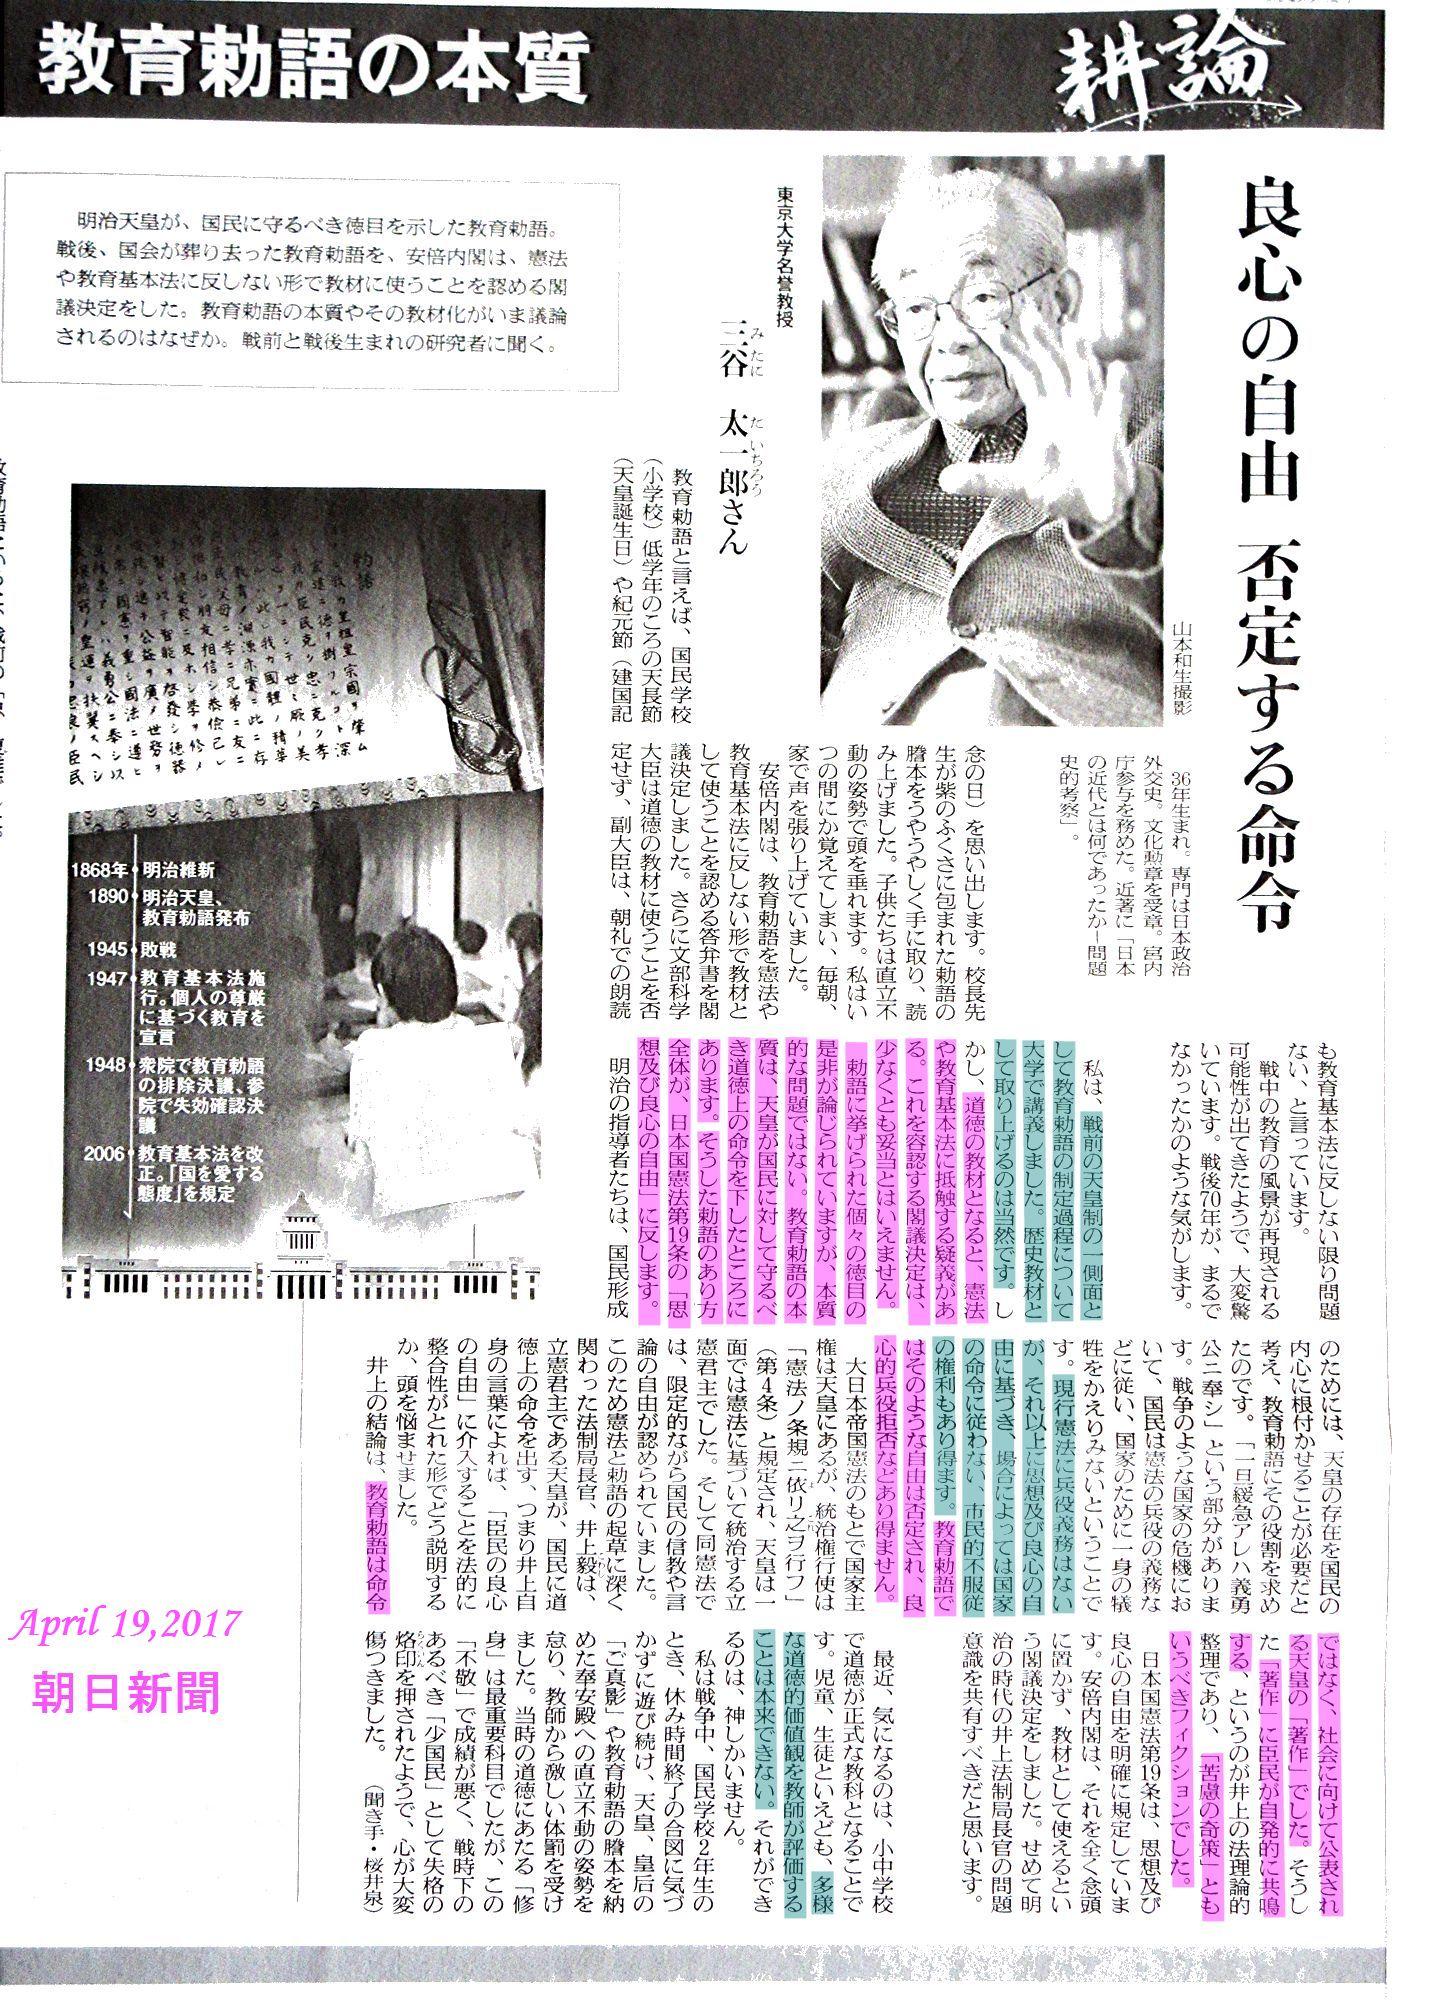 画像13(朝日新聞 耕論「教育勅語の本質」)